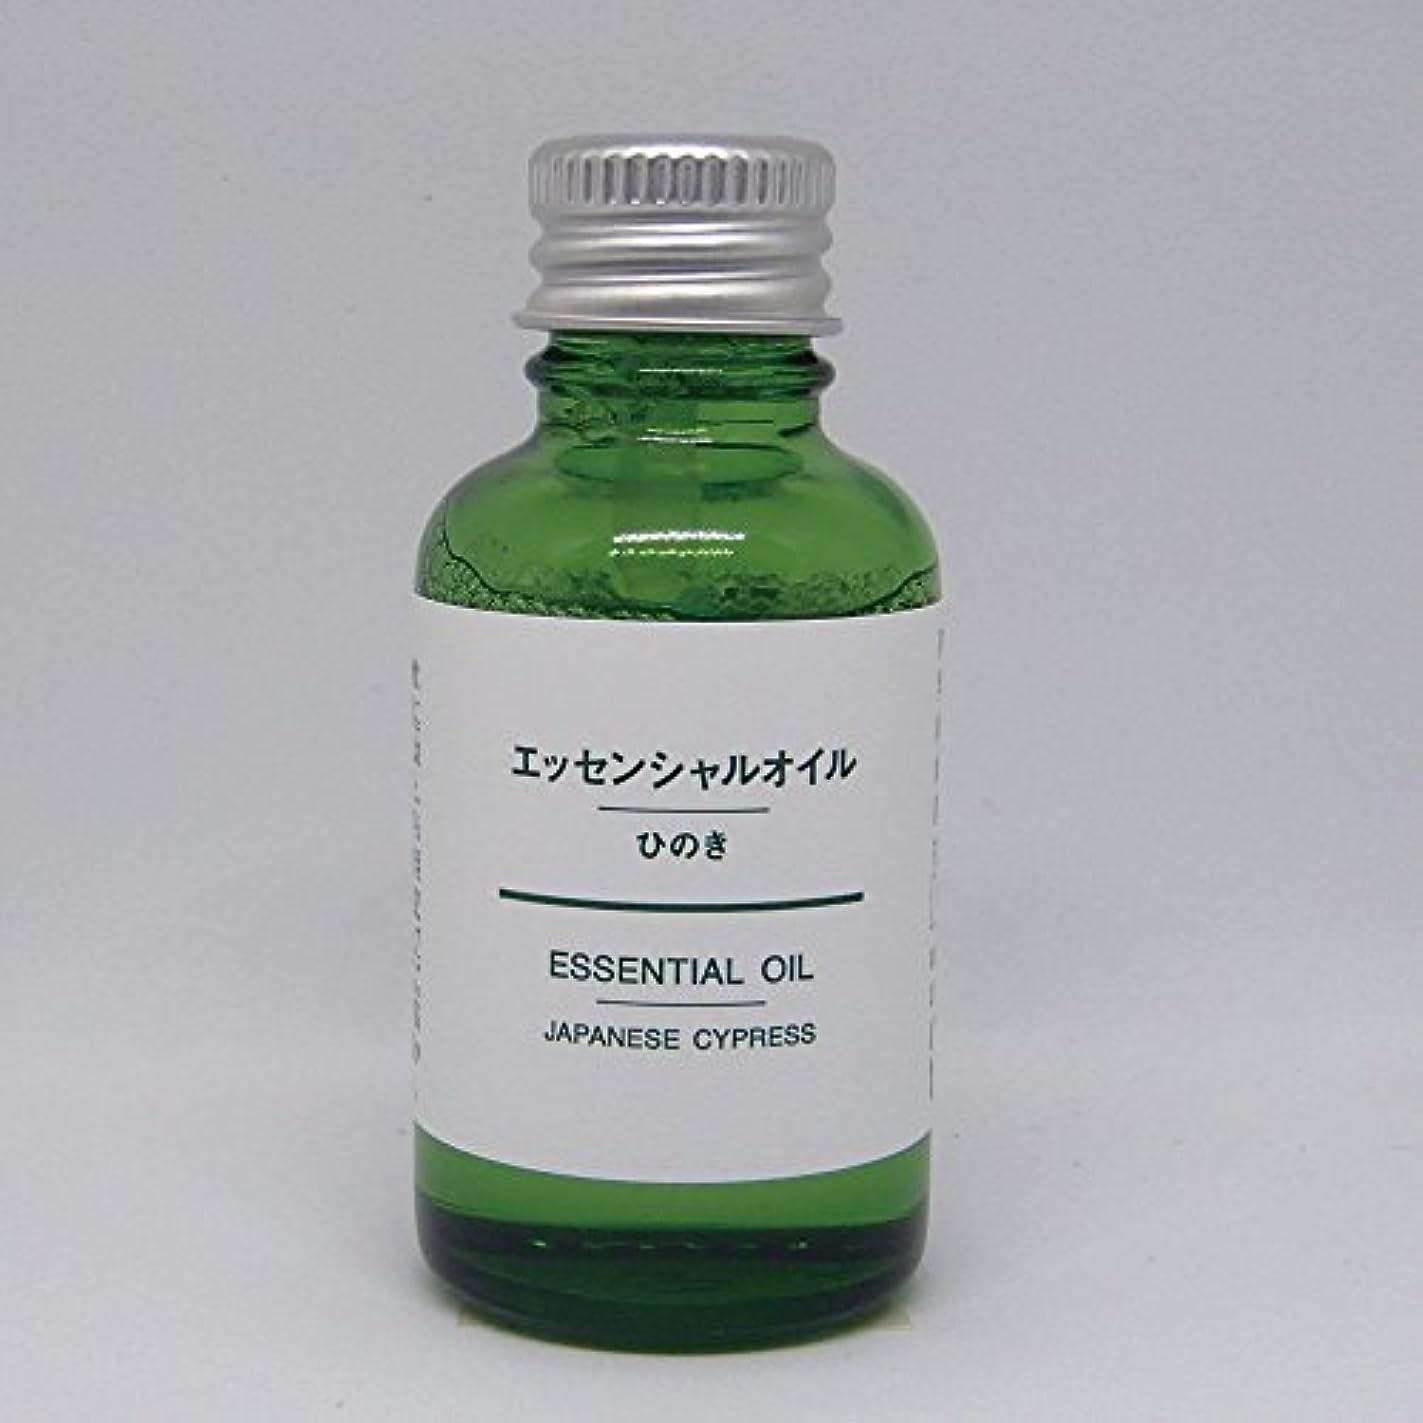 周術期スピーチビザ【無印良品】エッセンシャルオイル 30ml (ひのき)